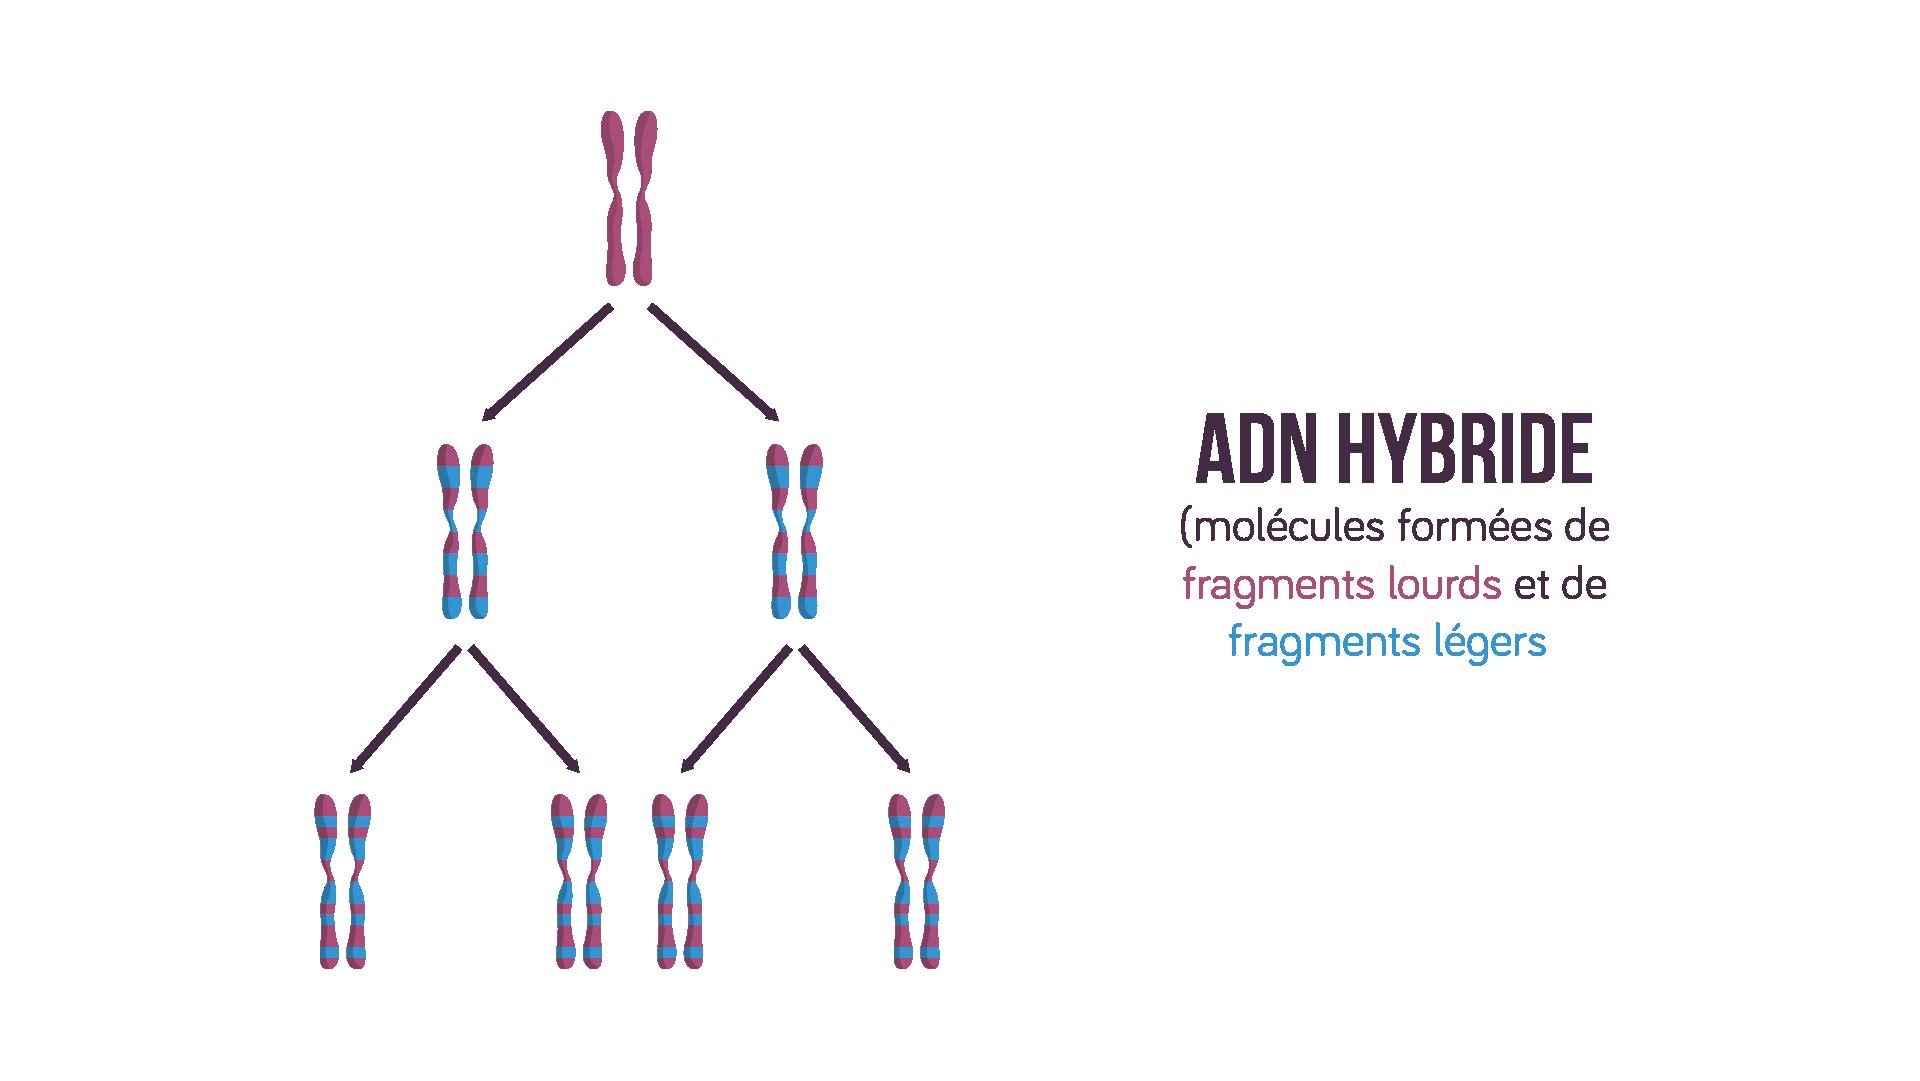 Molécules d'ADN hybride avec réplication dispersive